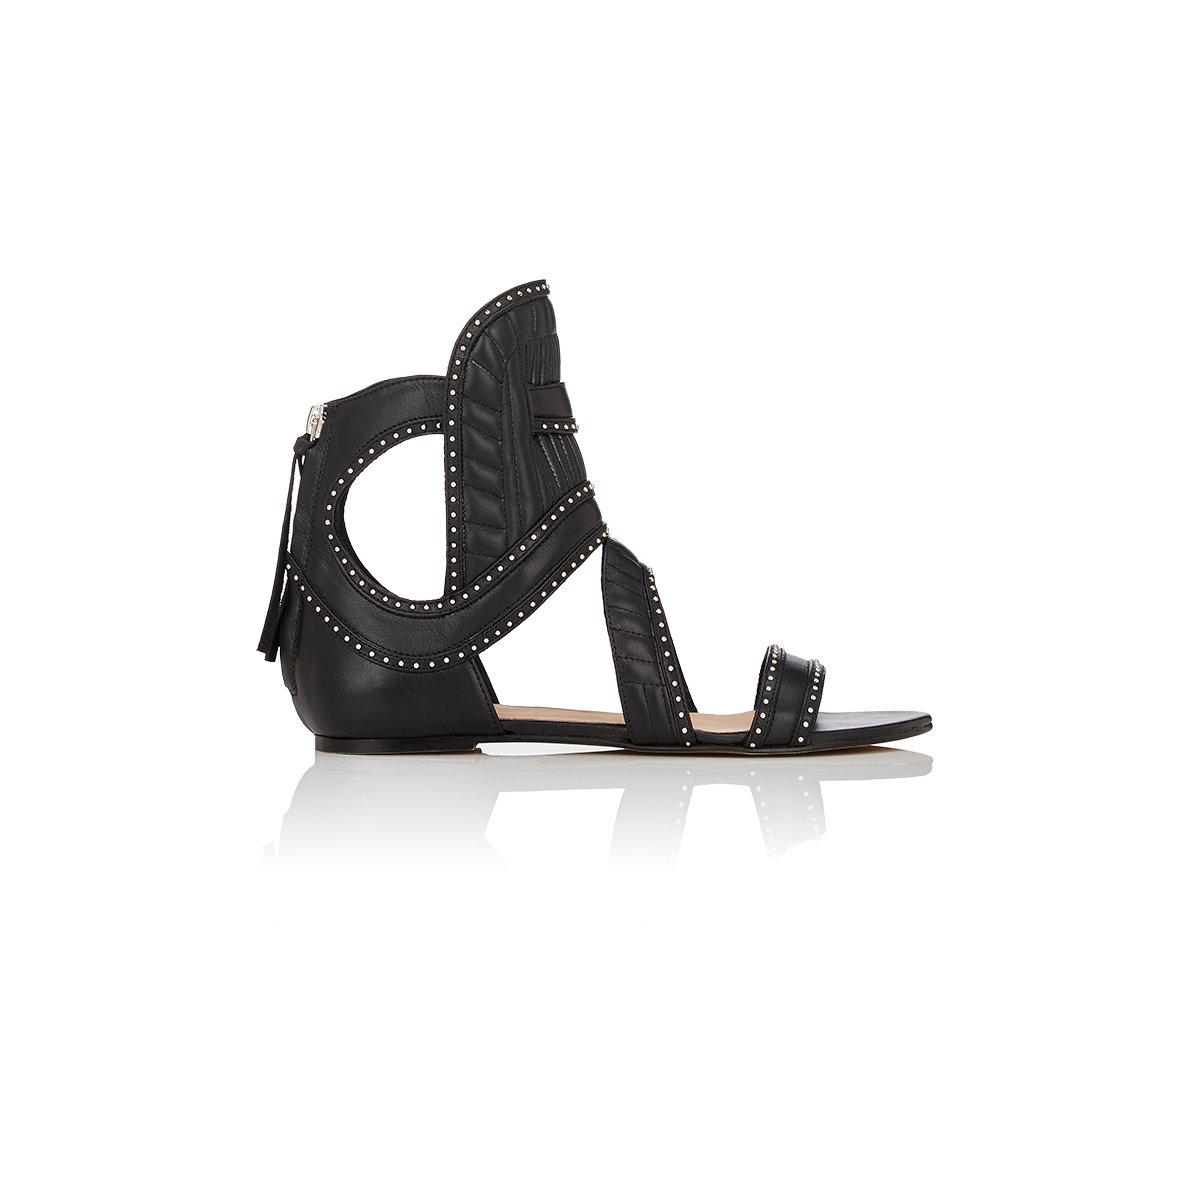 FOOTWEAR - Toe post sandals Iro aK5LwJxXw